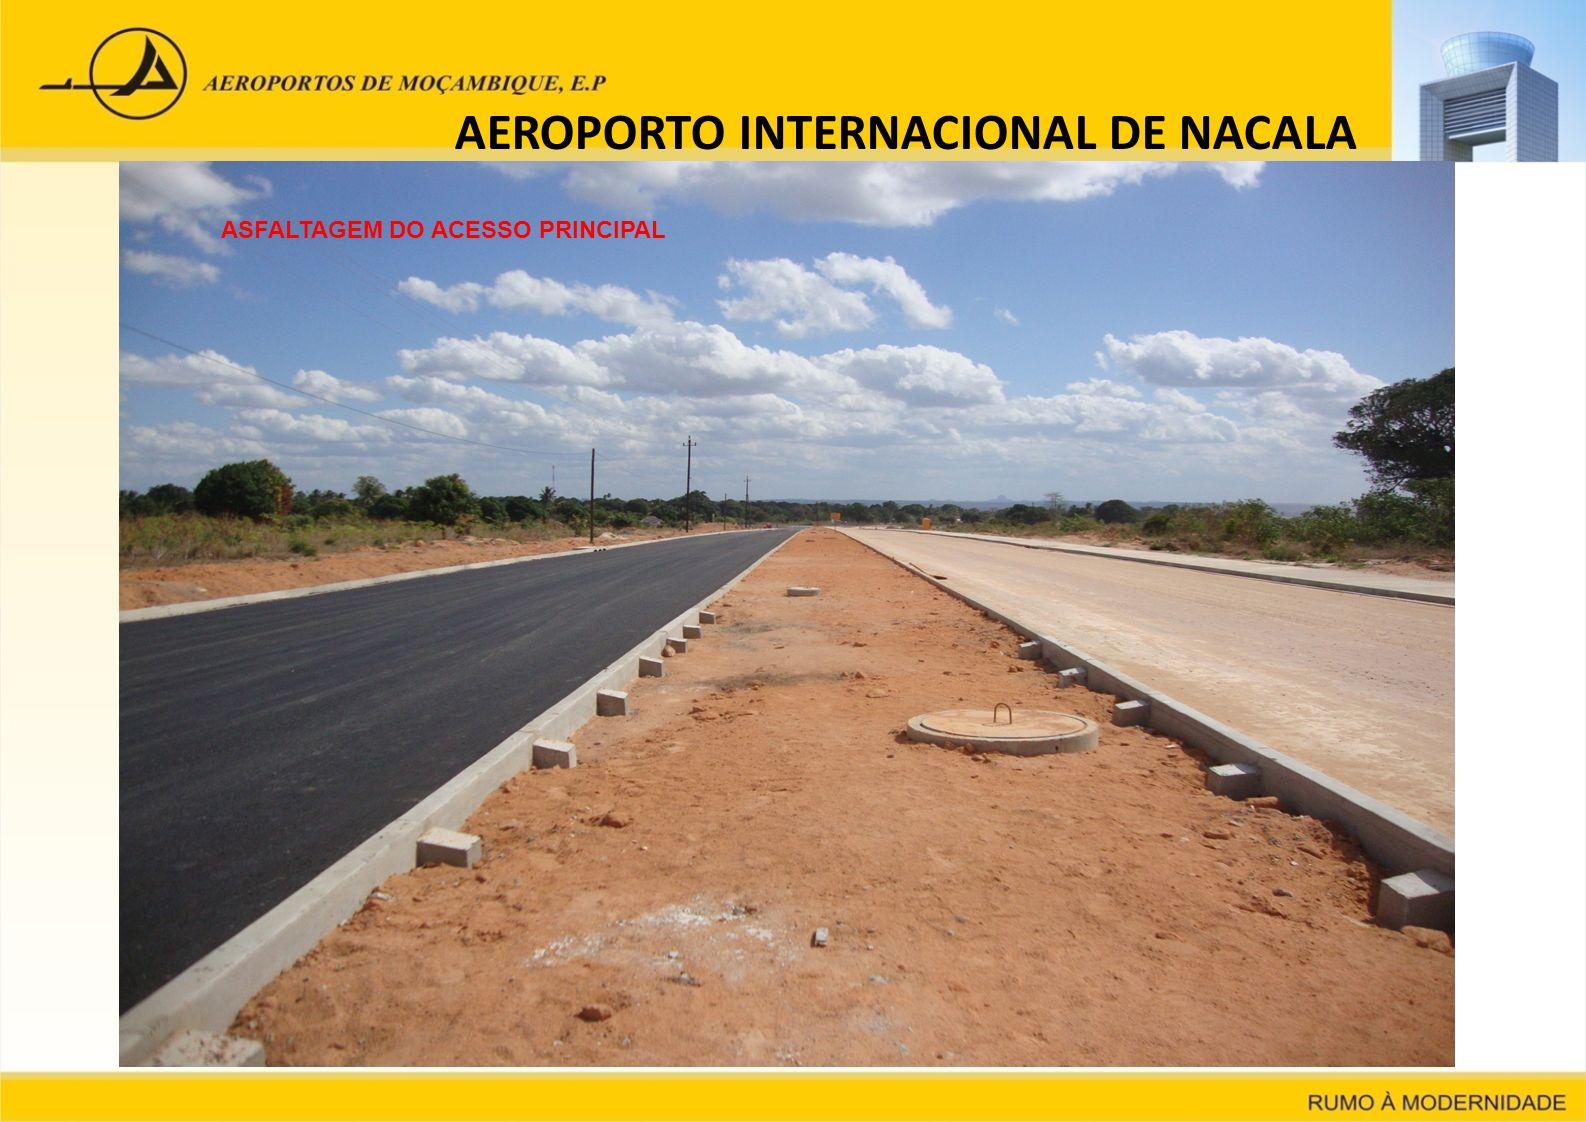 AEROPORTO INTERNACIONAL DE NACALA ASFALTAGEM DO ACESSO PRINCIPAL